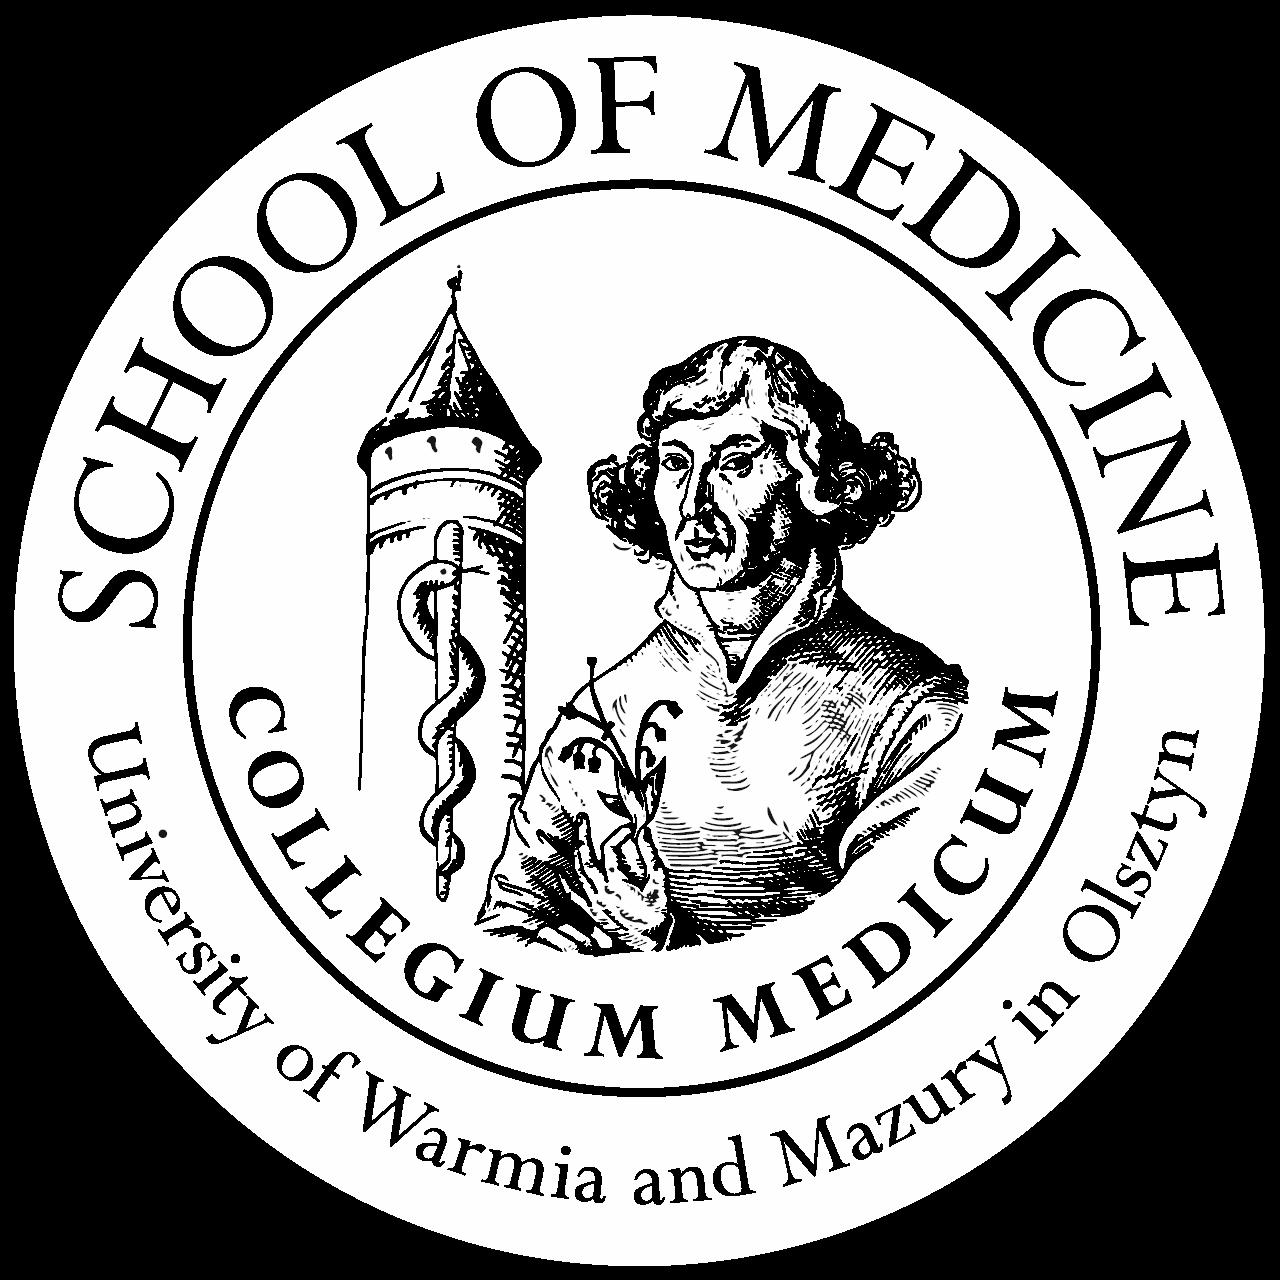 uwm-logo-wydzialu_medycznego-final-en_1_0.png